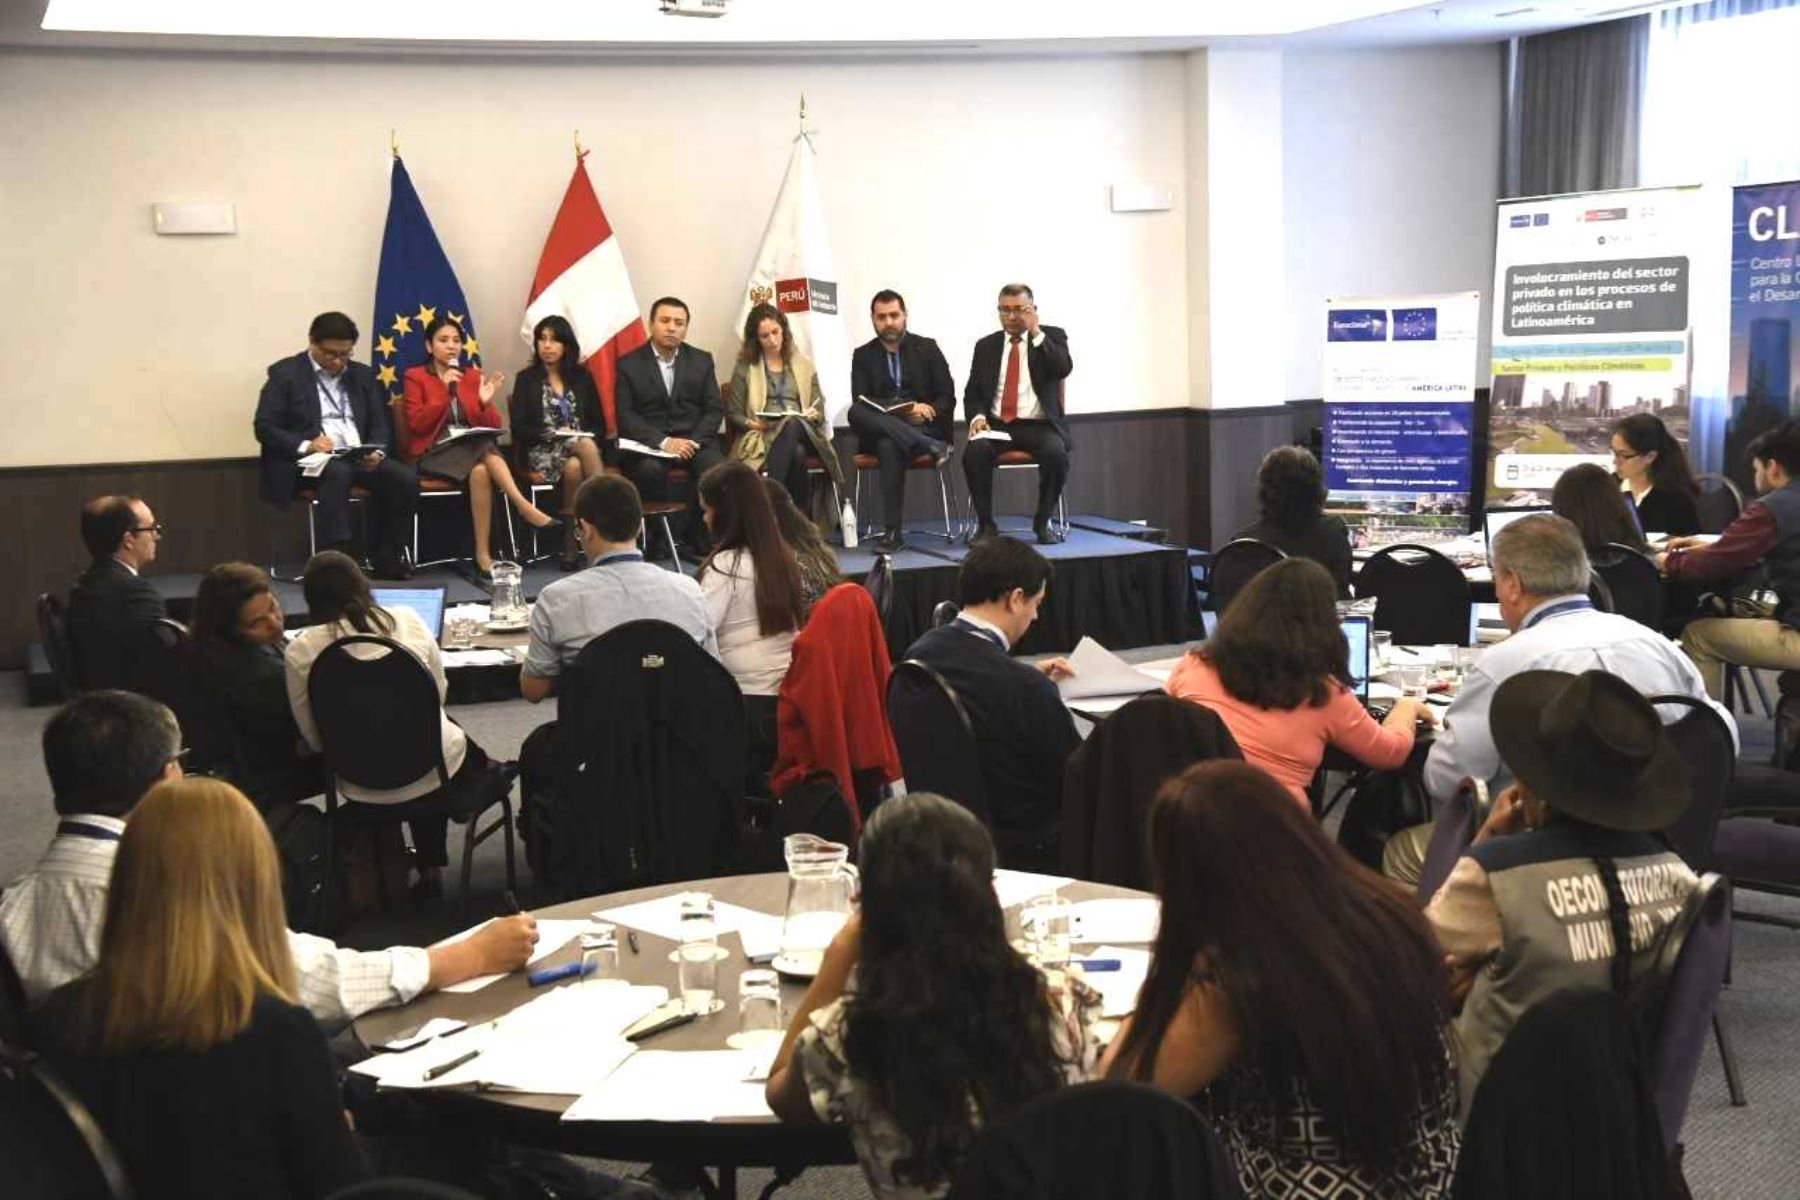 Representantes de 8 países de América se reunieron para impulsar acción climática. Foto: ANDINA/Difusión.